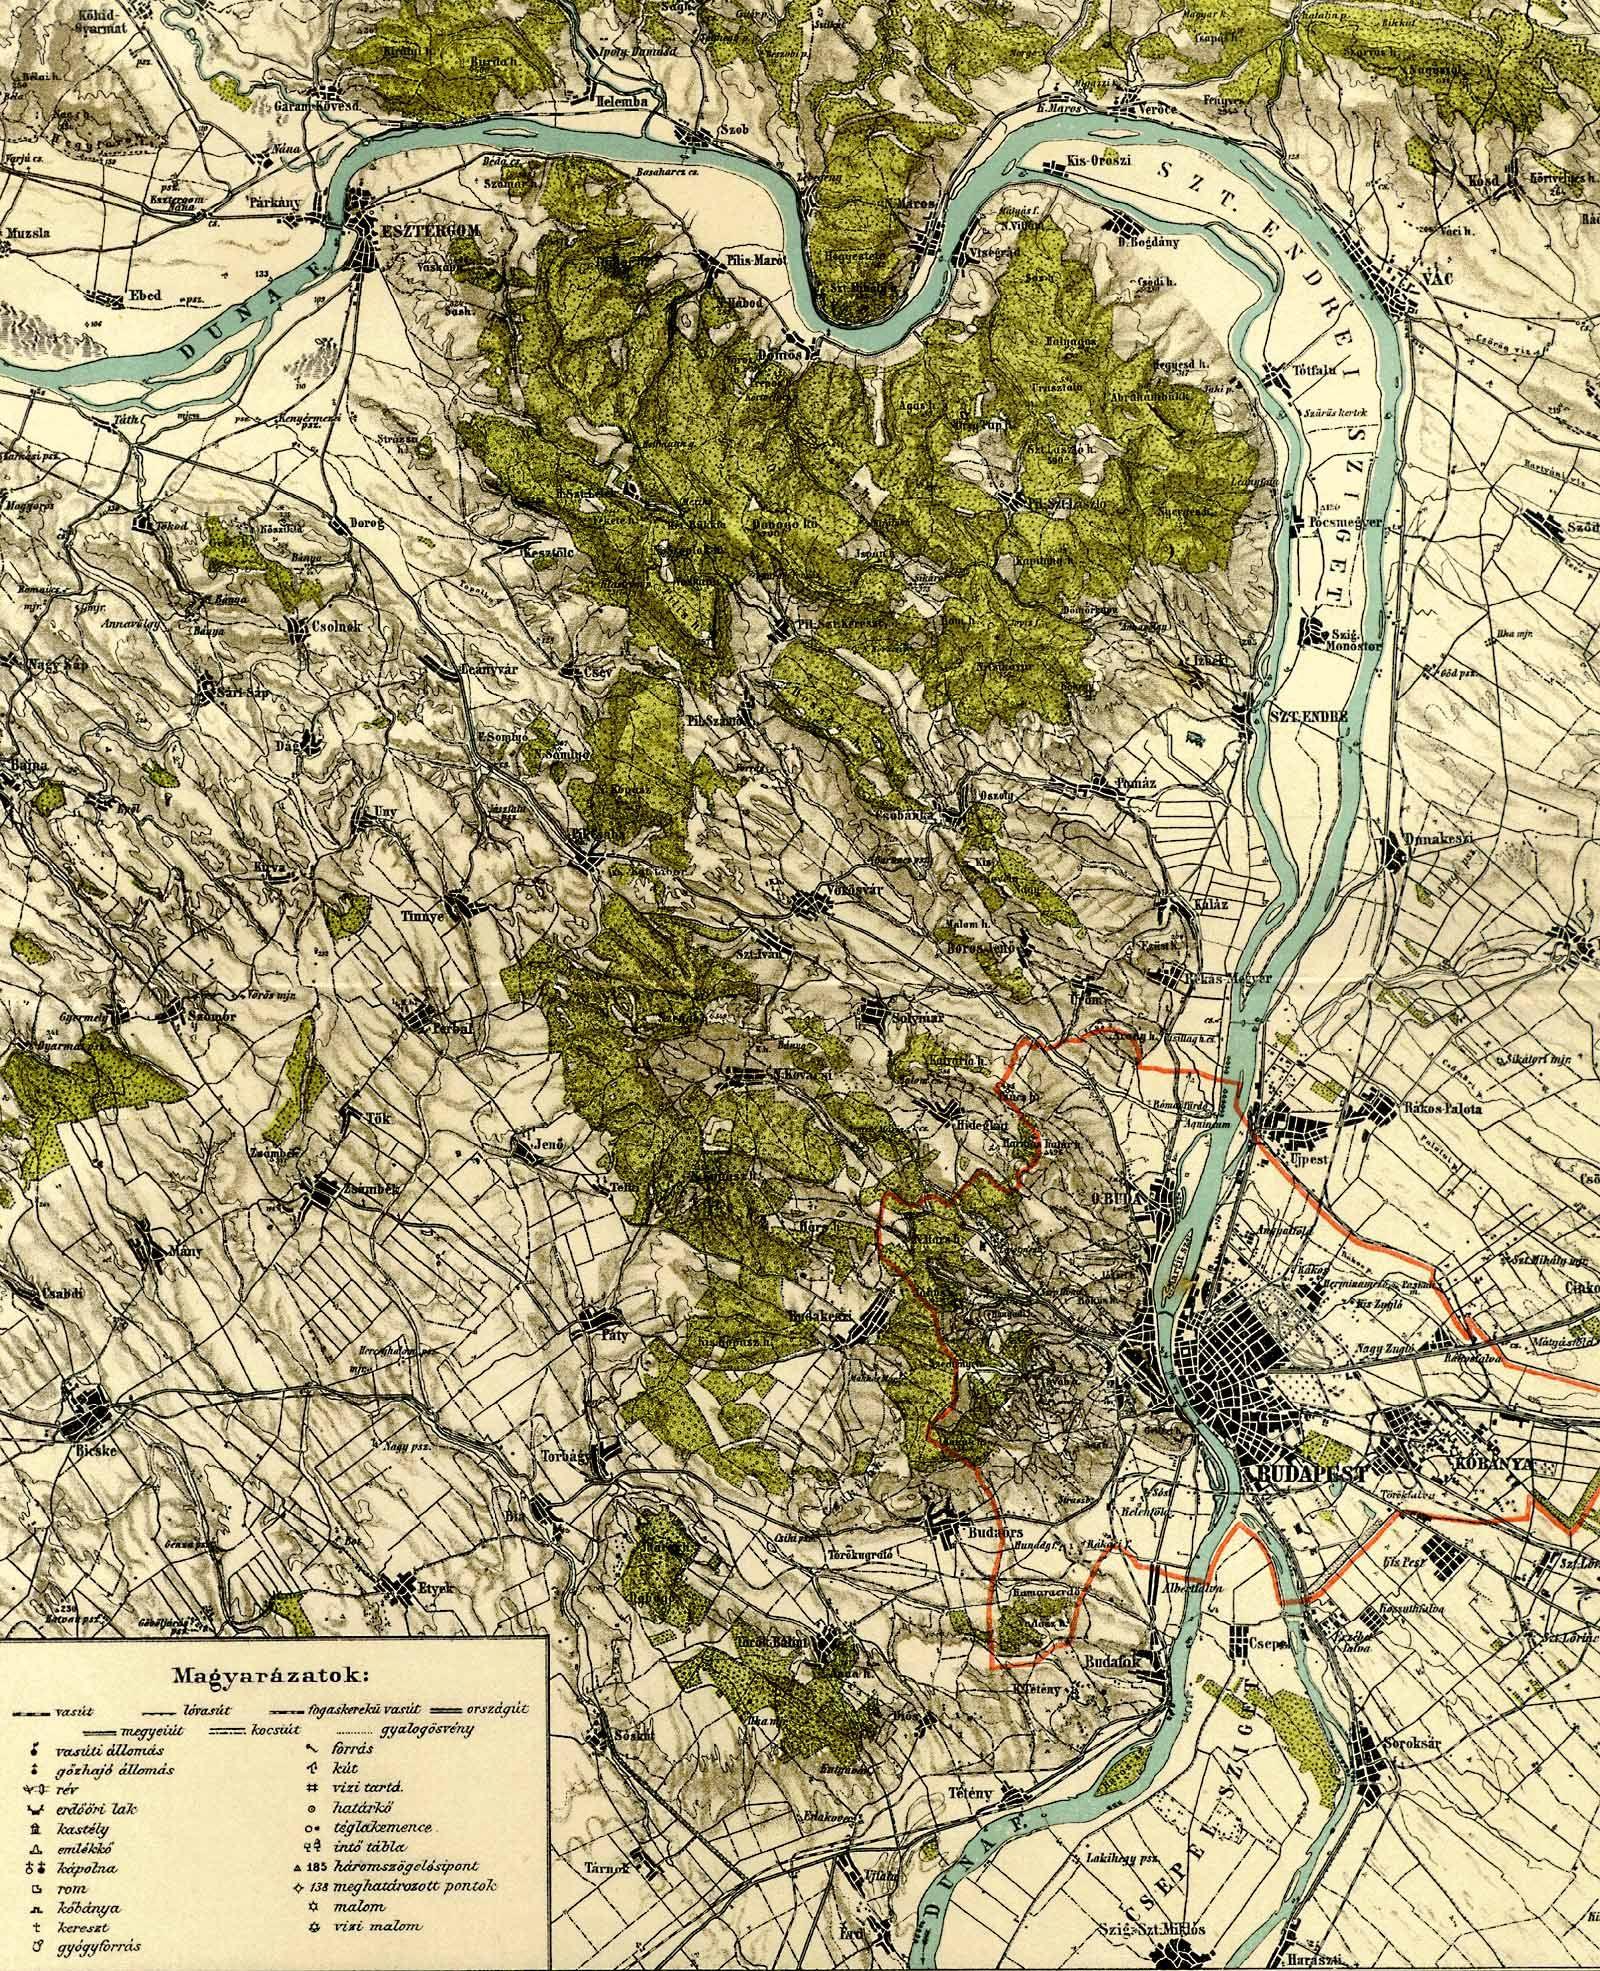 budapest domborzati térkép A Pallas nagy lexikona budapest domborzati térkép